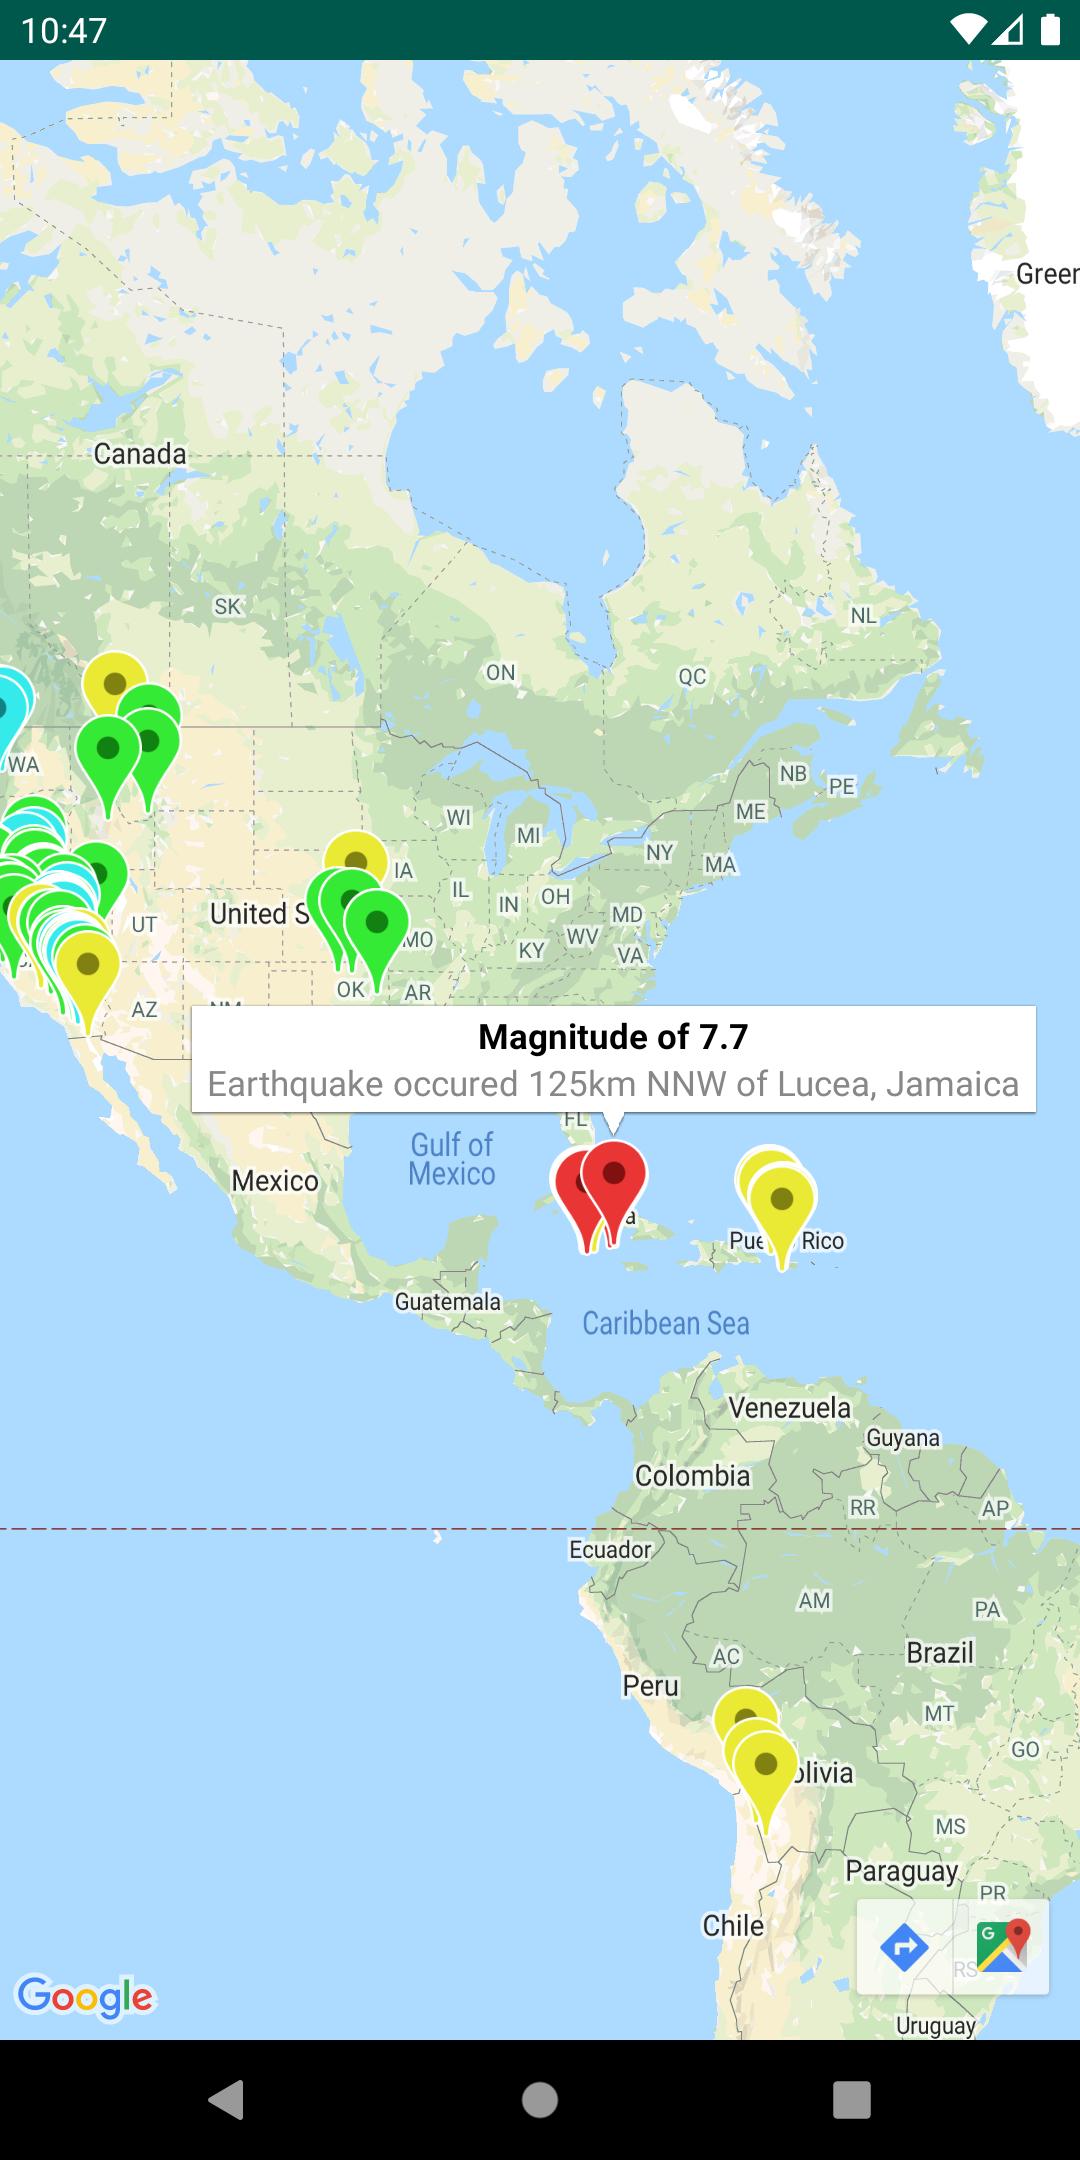 一幅包含 GeoJSON 图层的地图